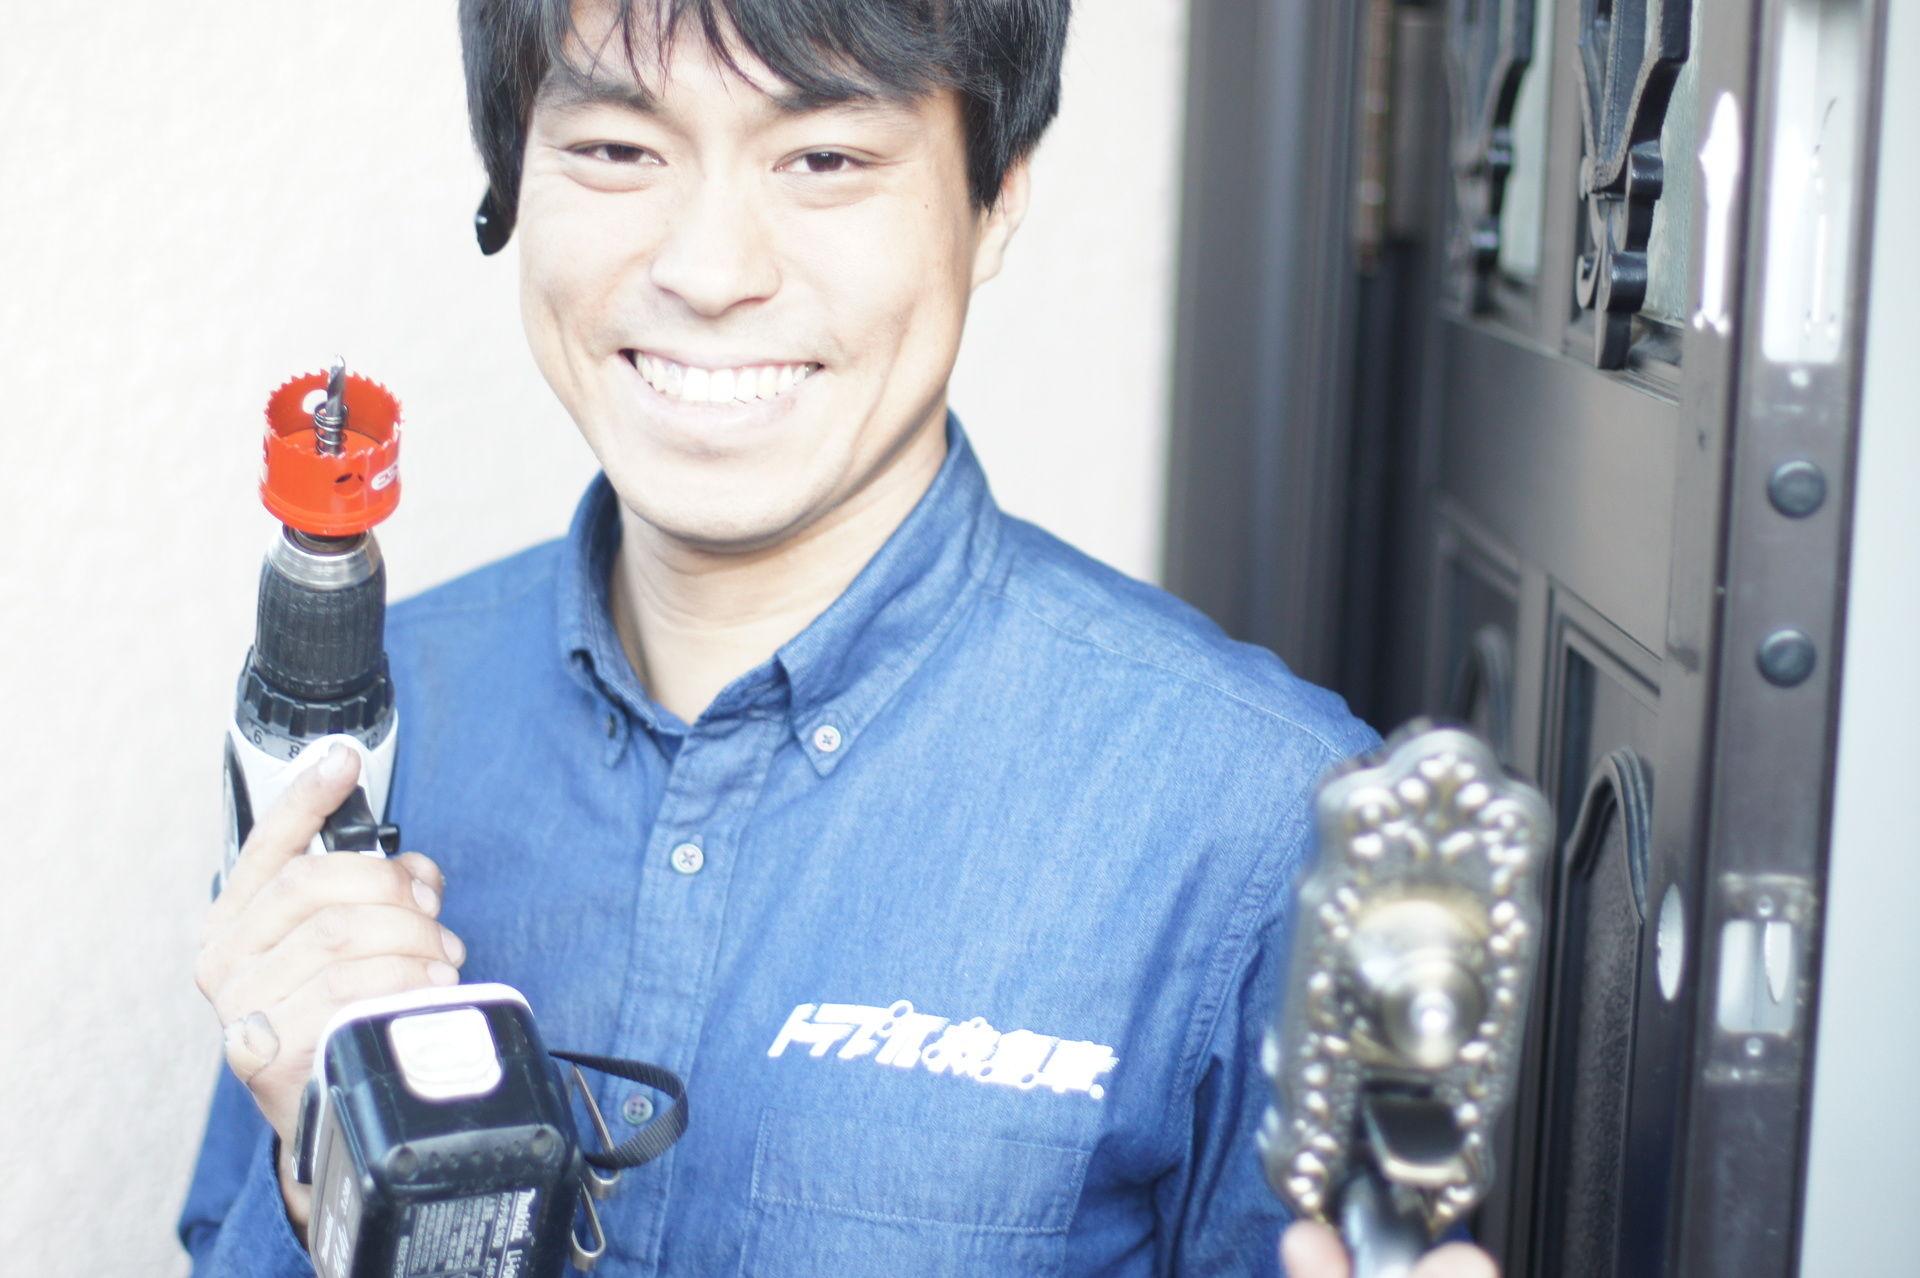 カギのトラブル救急車【名古屋市南区 出張エリア】のメイン画像